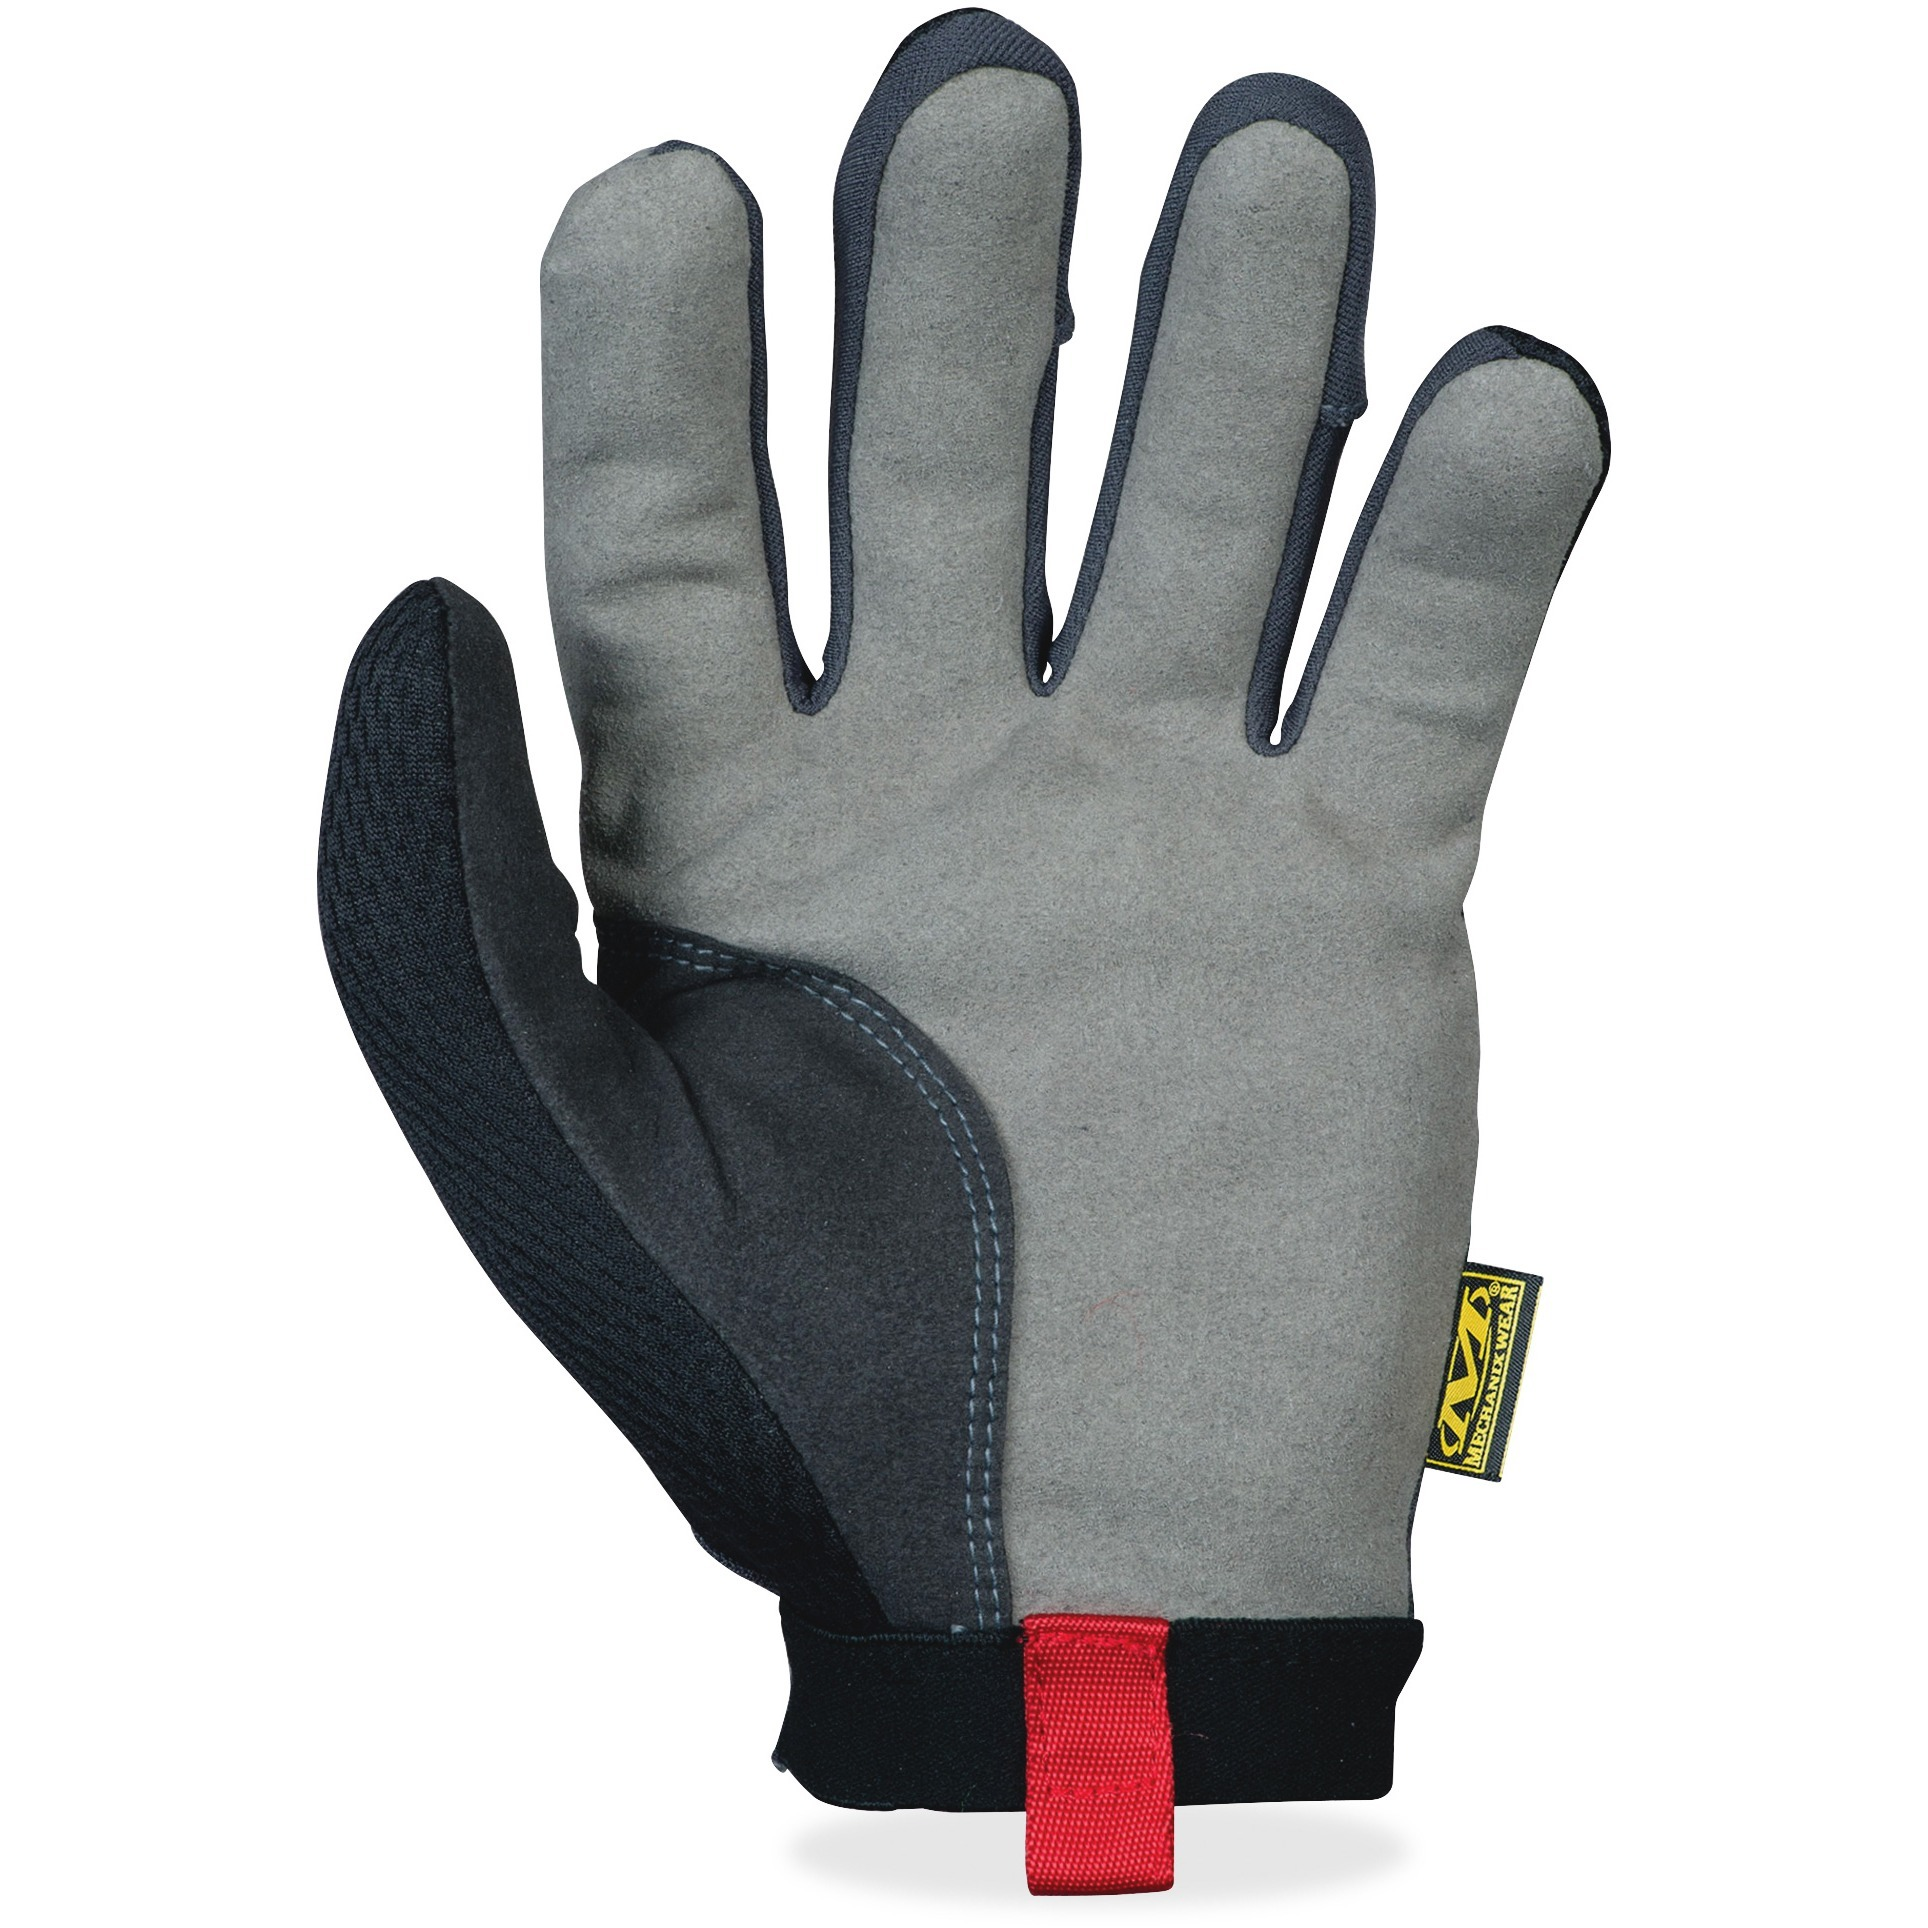 Mechanix Wear 2-way Stretch Utility Gloves